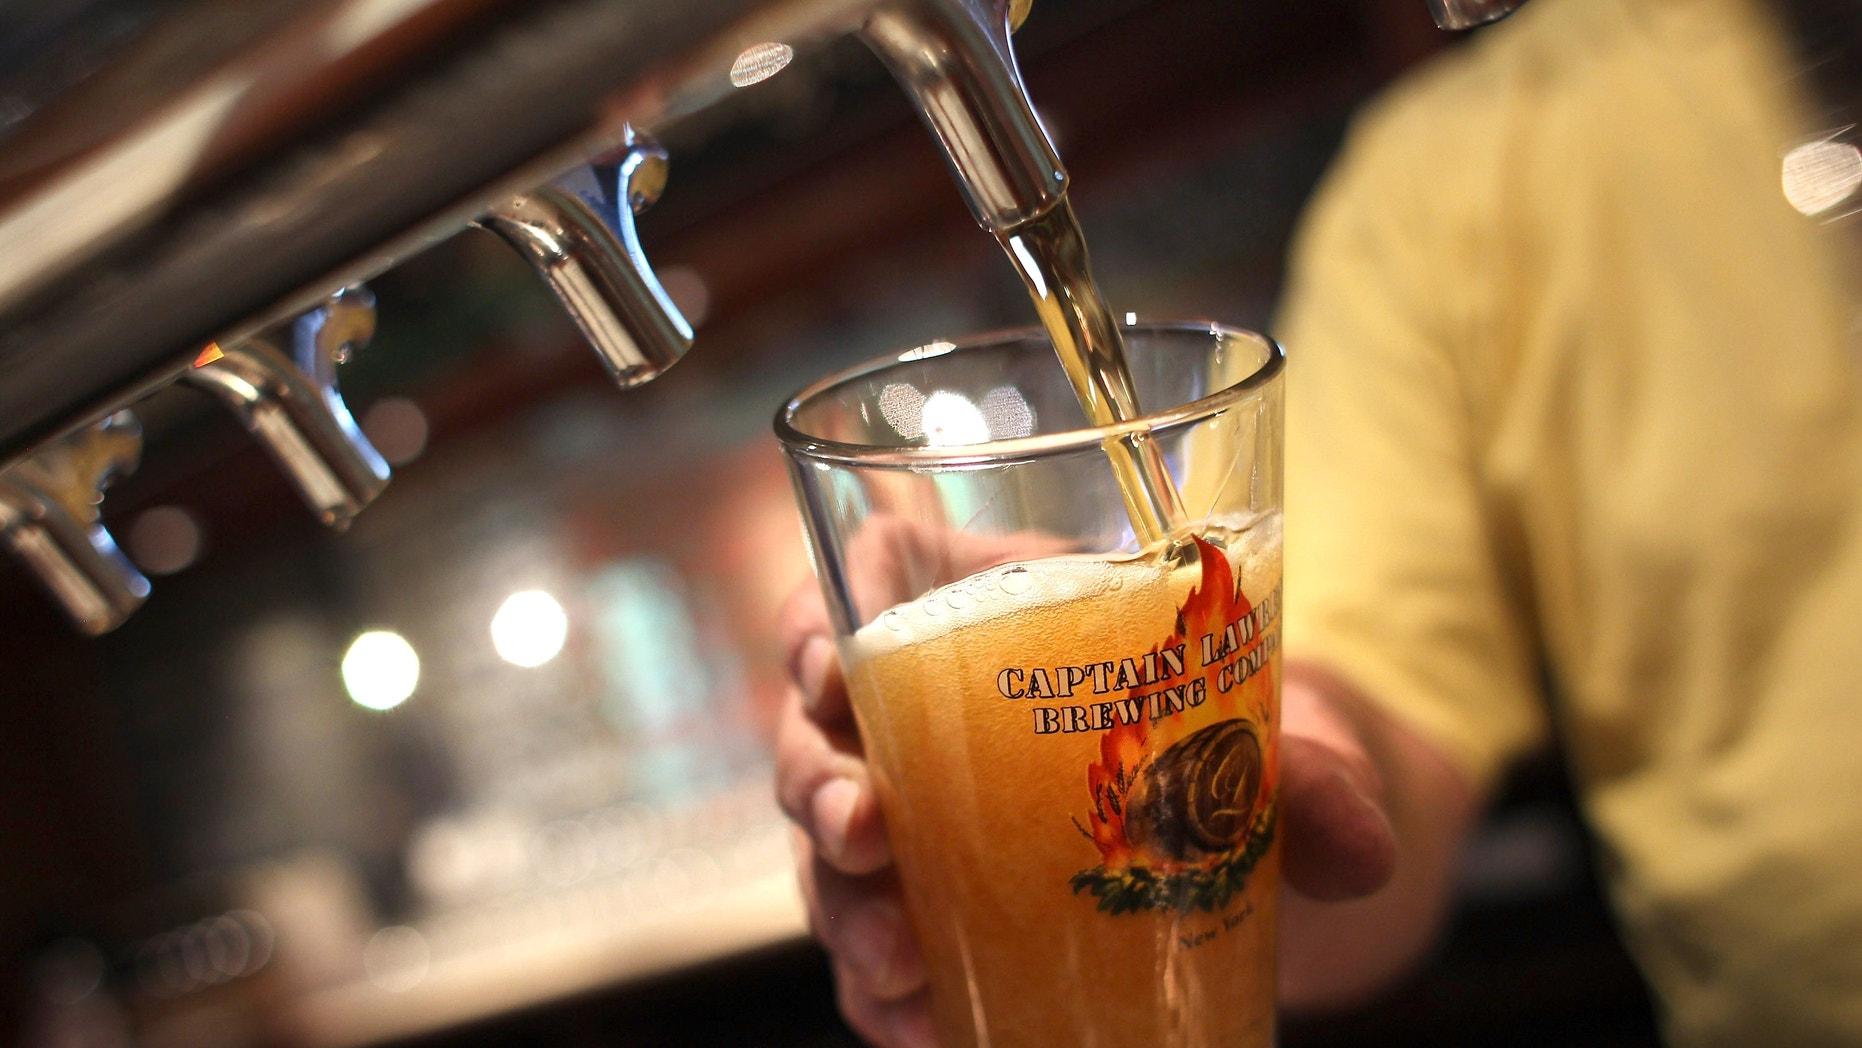 Moderate beer drinking boosts women's bones